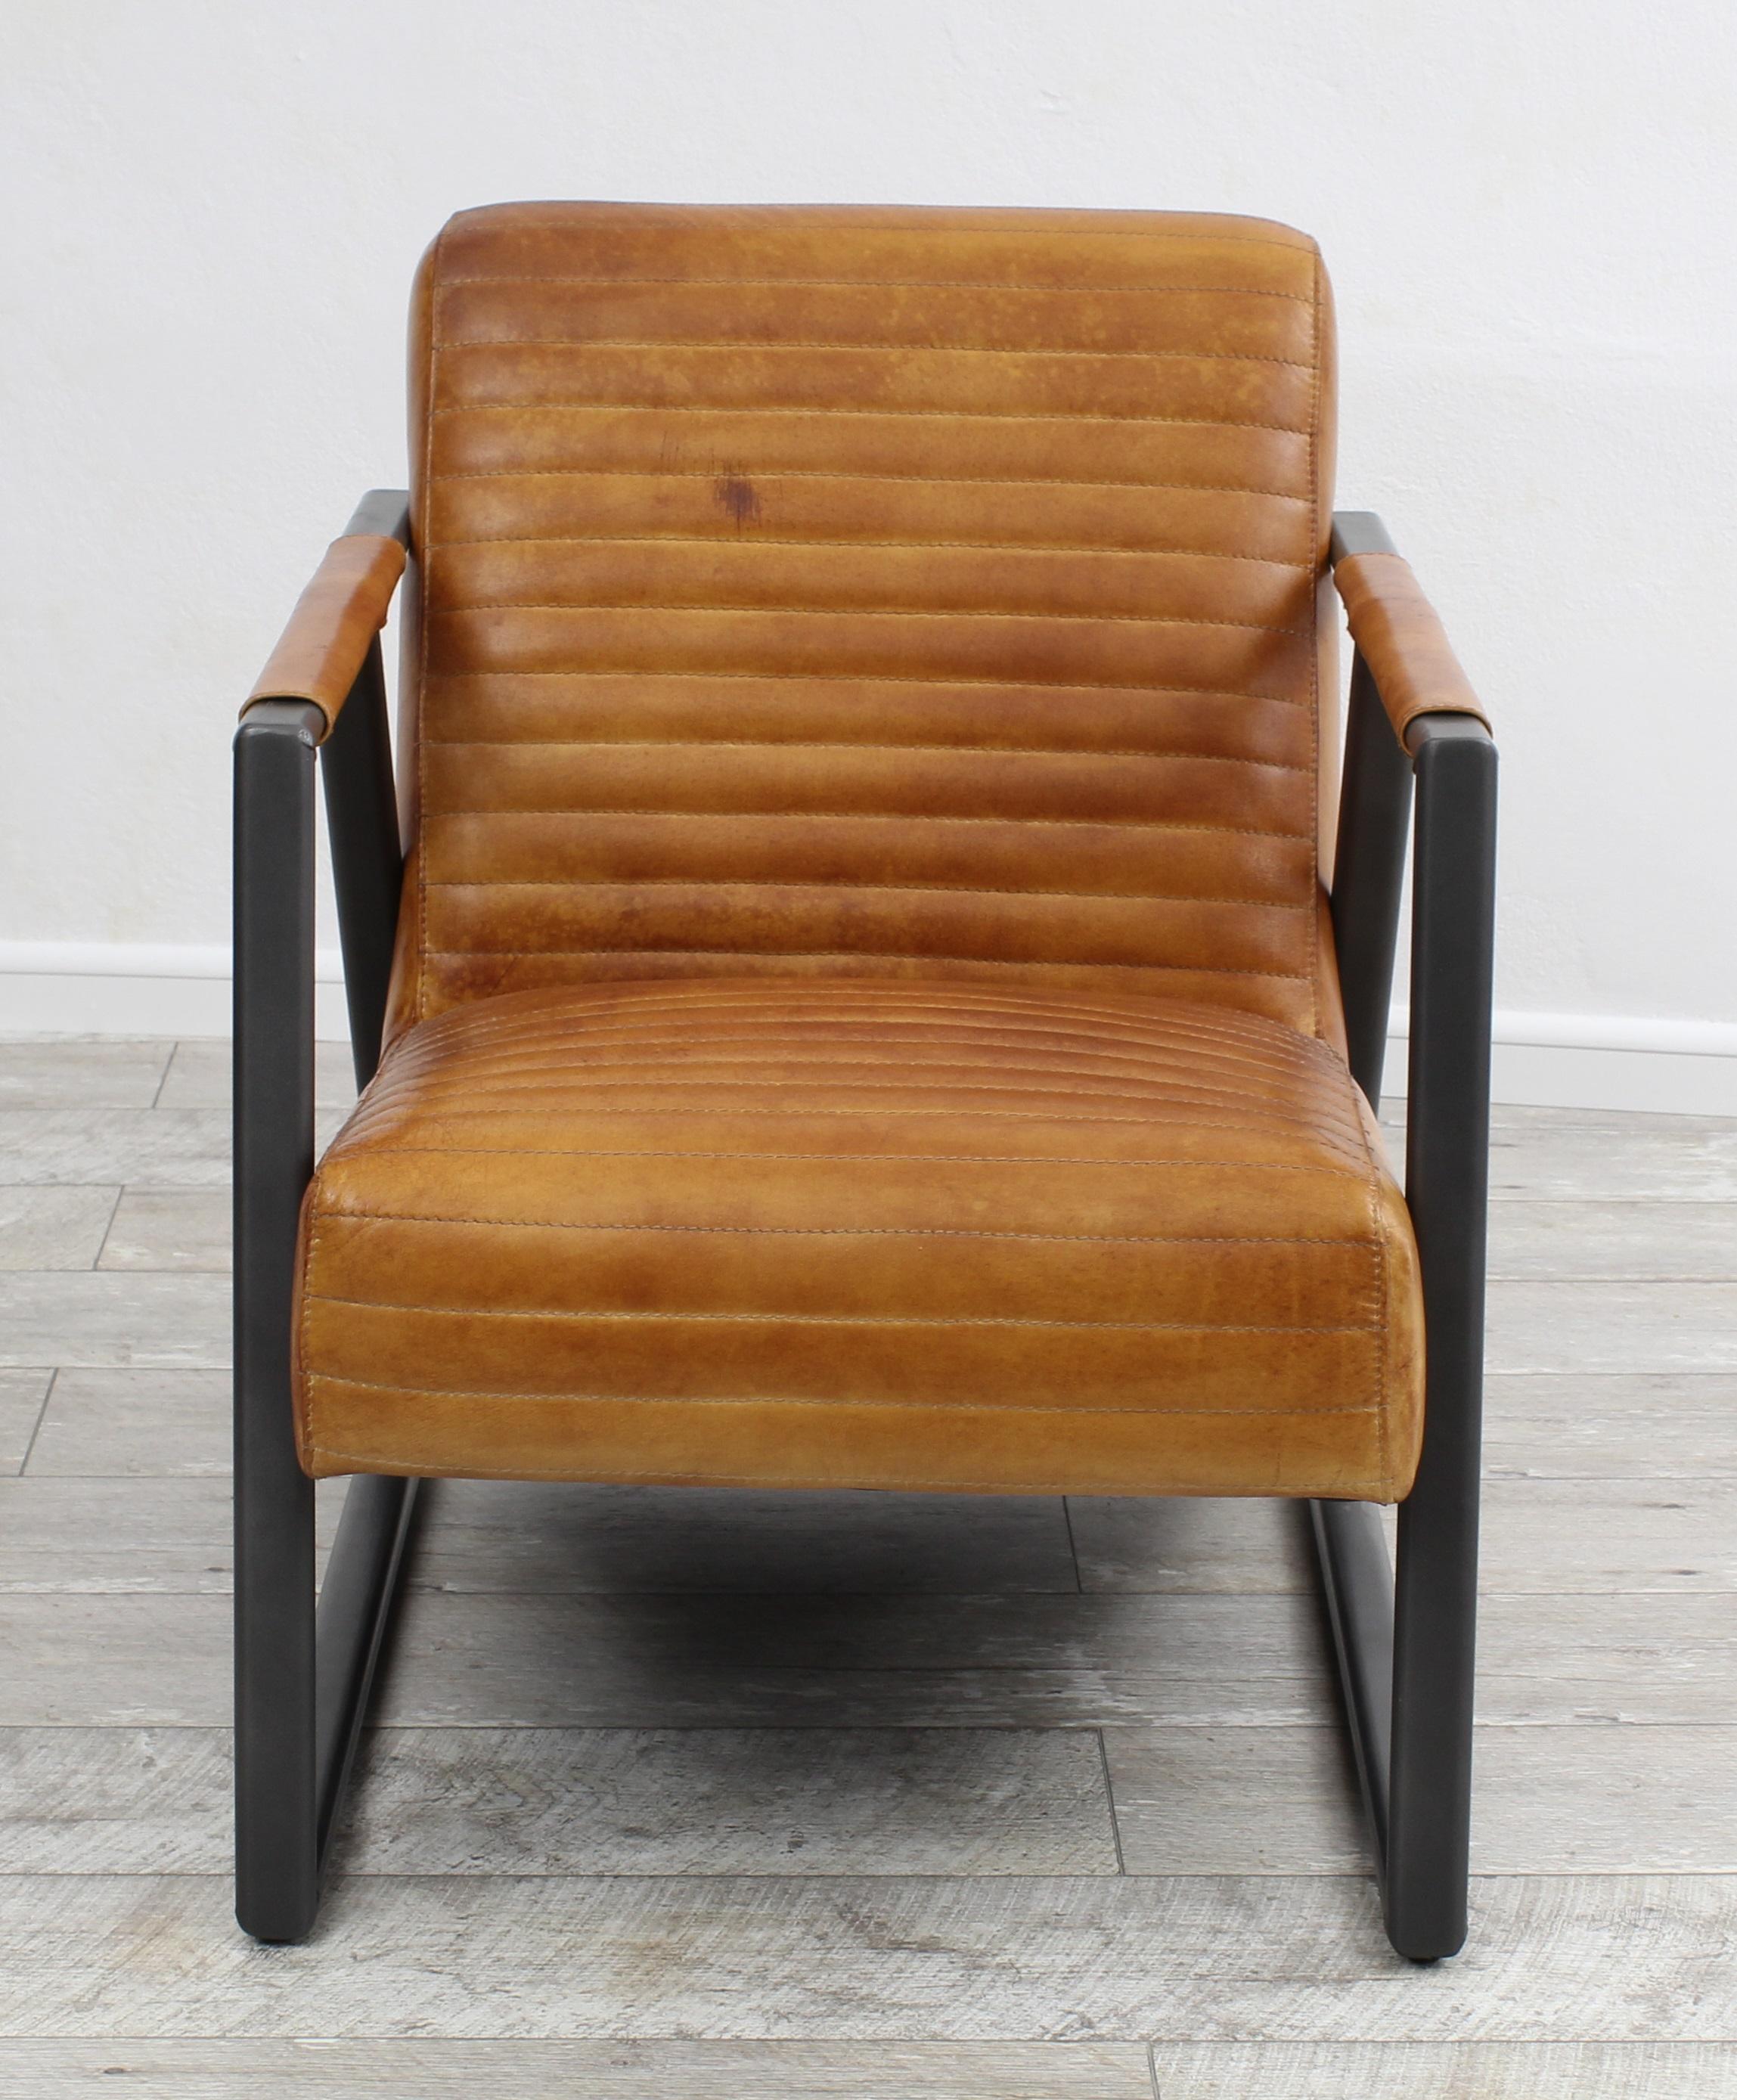 aktiv sessel stuhl designer hamburg echt b ffel leder vintage farbe camel metall fu. Black Bedroom Furniture Sets. Home Design Ideas